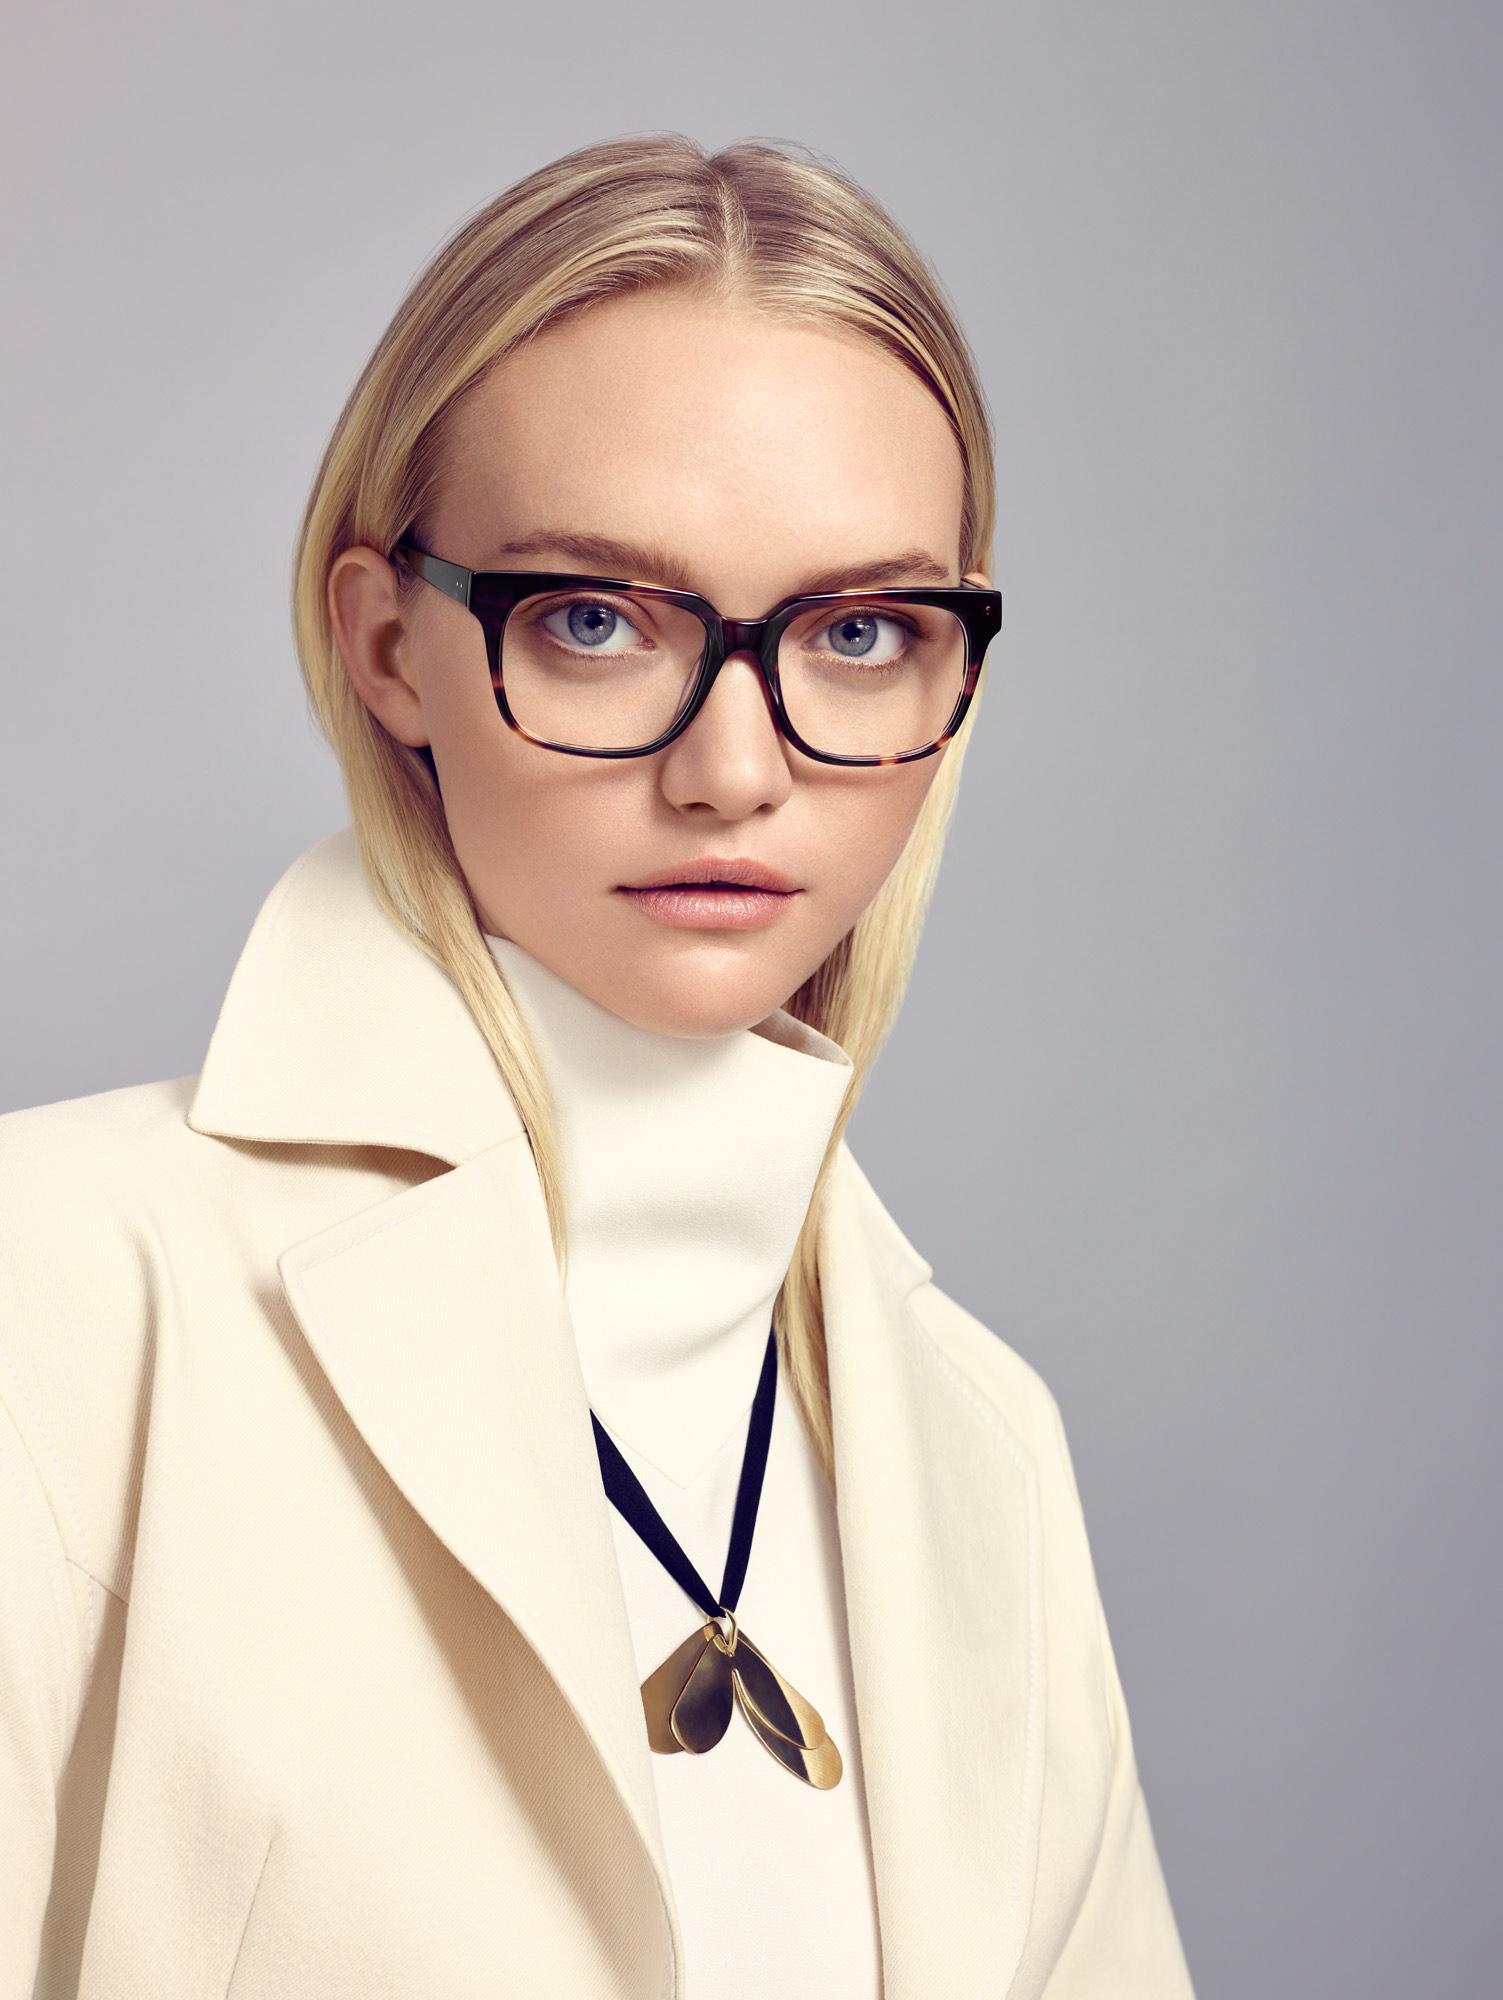 Gemma wears ELLERY 02 TORT glasses SKU 30474635 RRP 2 pairs from $299